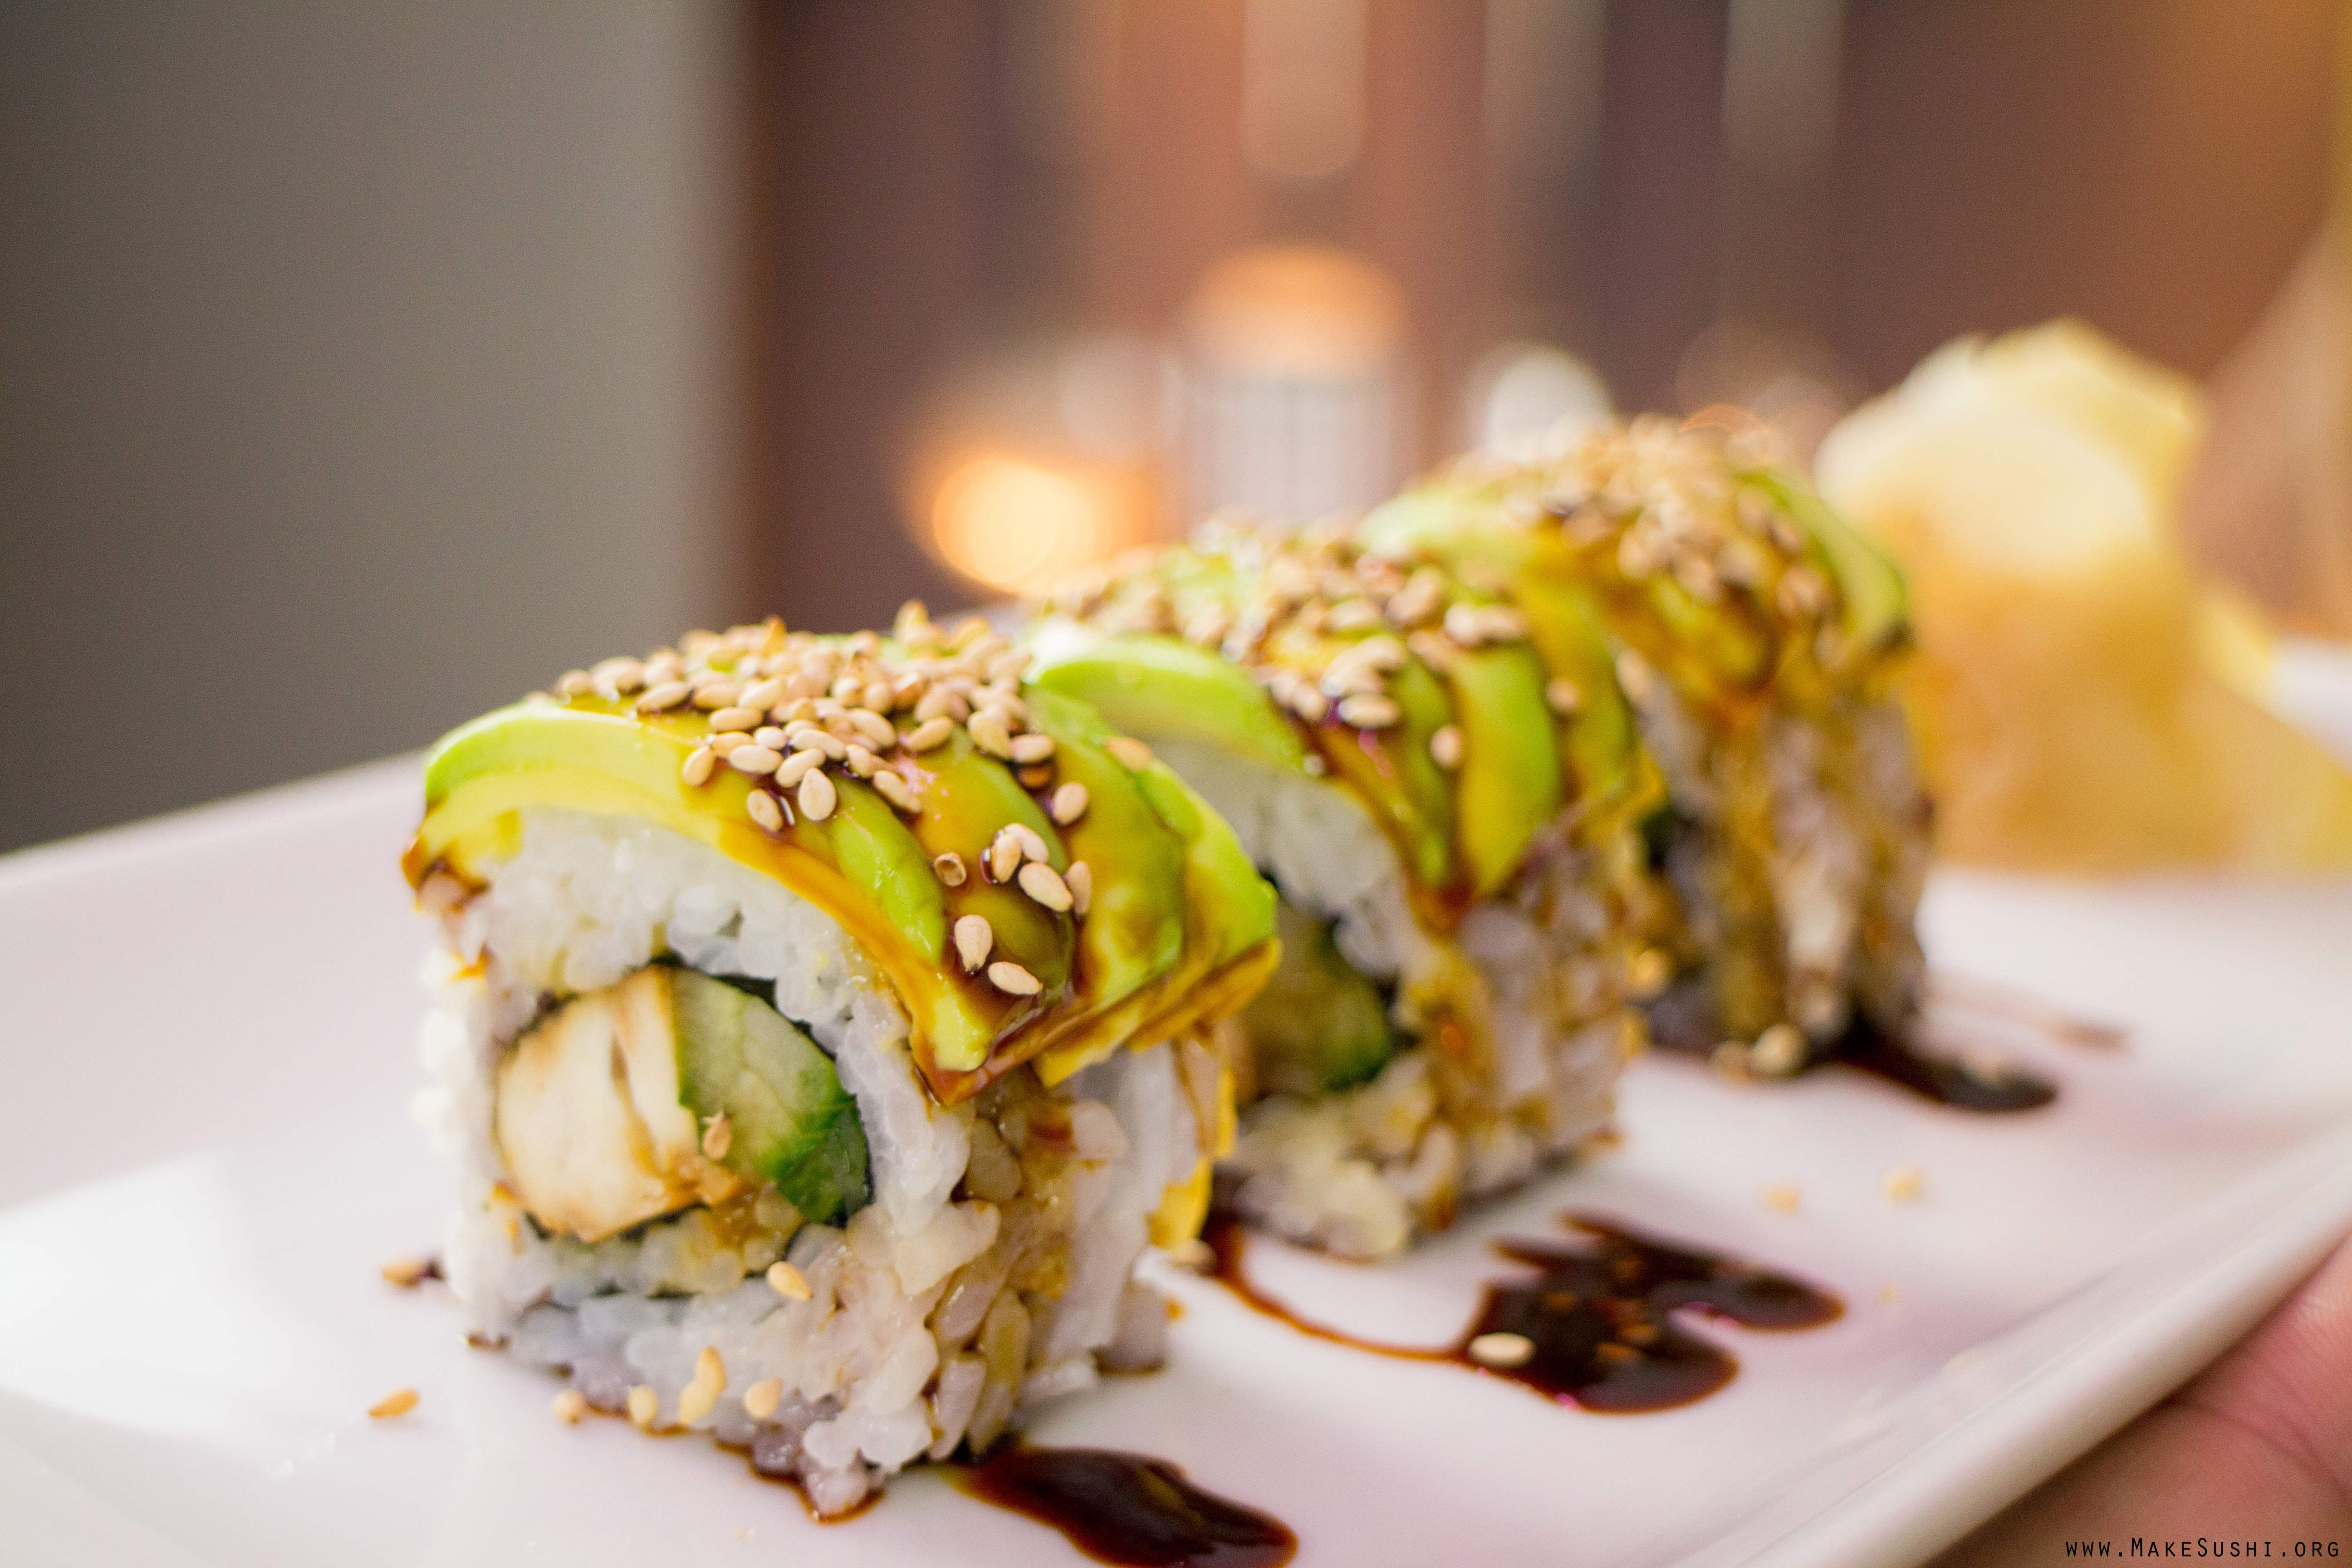 Teriyaki Chciken Sushi Roll Recipe Recipe Sushi Recipes Homemade Chicken Sushi Sushi Roll Recipes